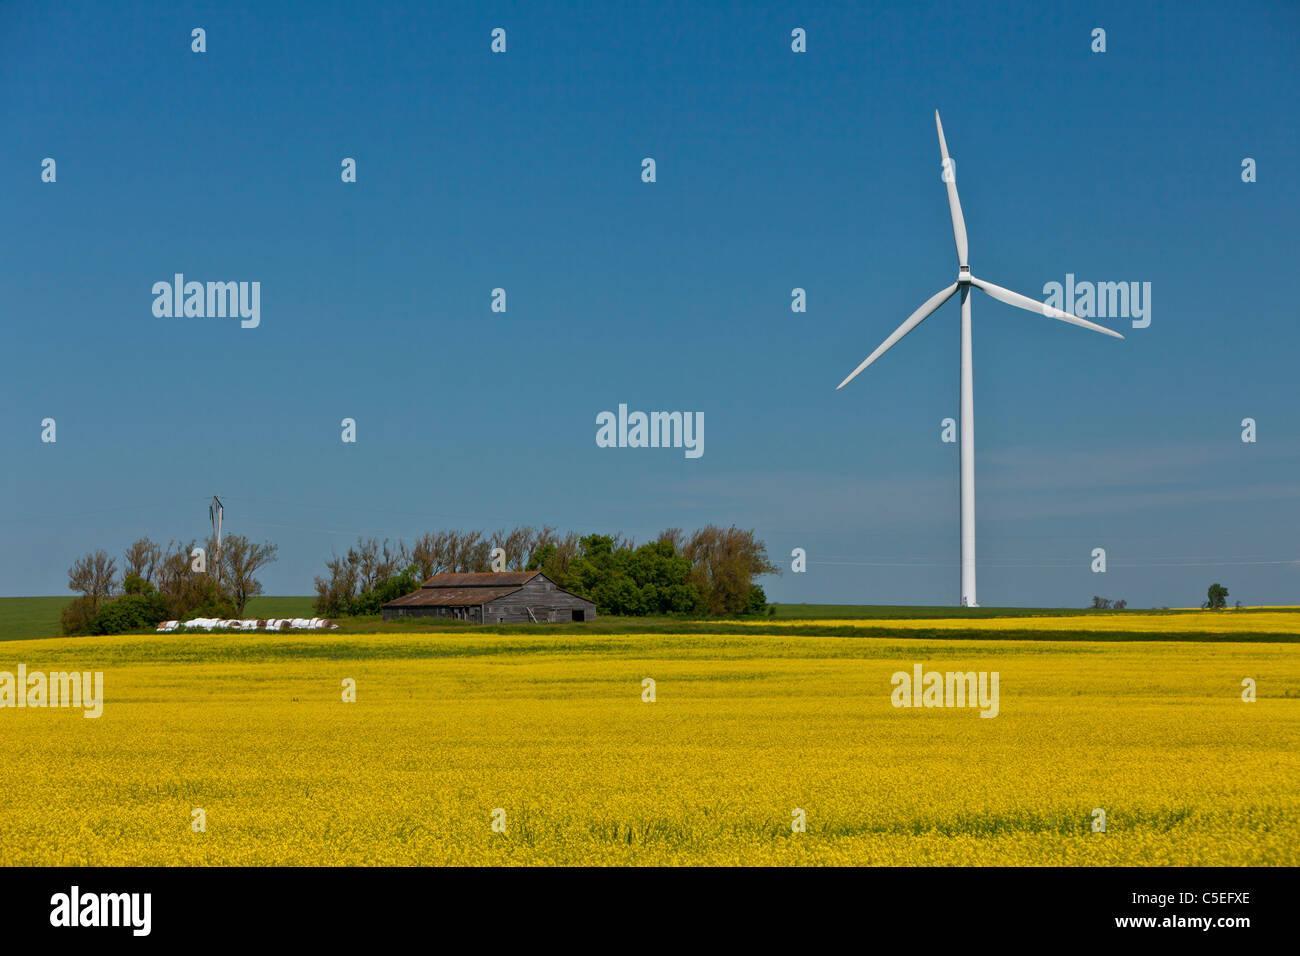 Eines elektrischen Windparks mit Raps Feld in der Nähe von St. Leon, Manitoba, Kanada. Stockbild